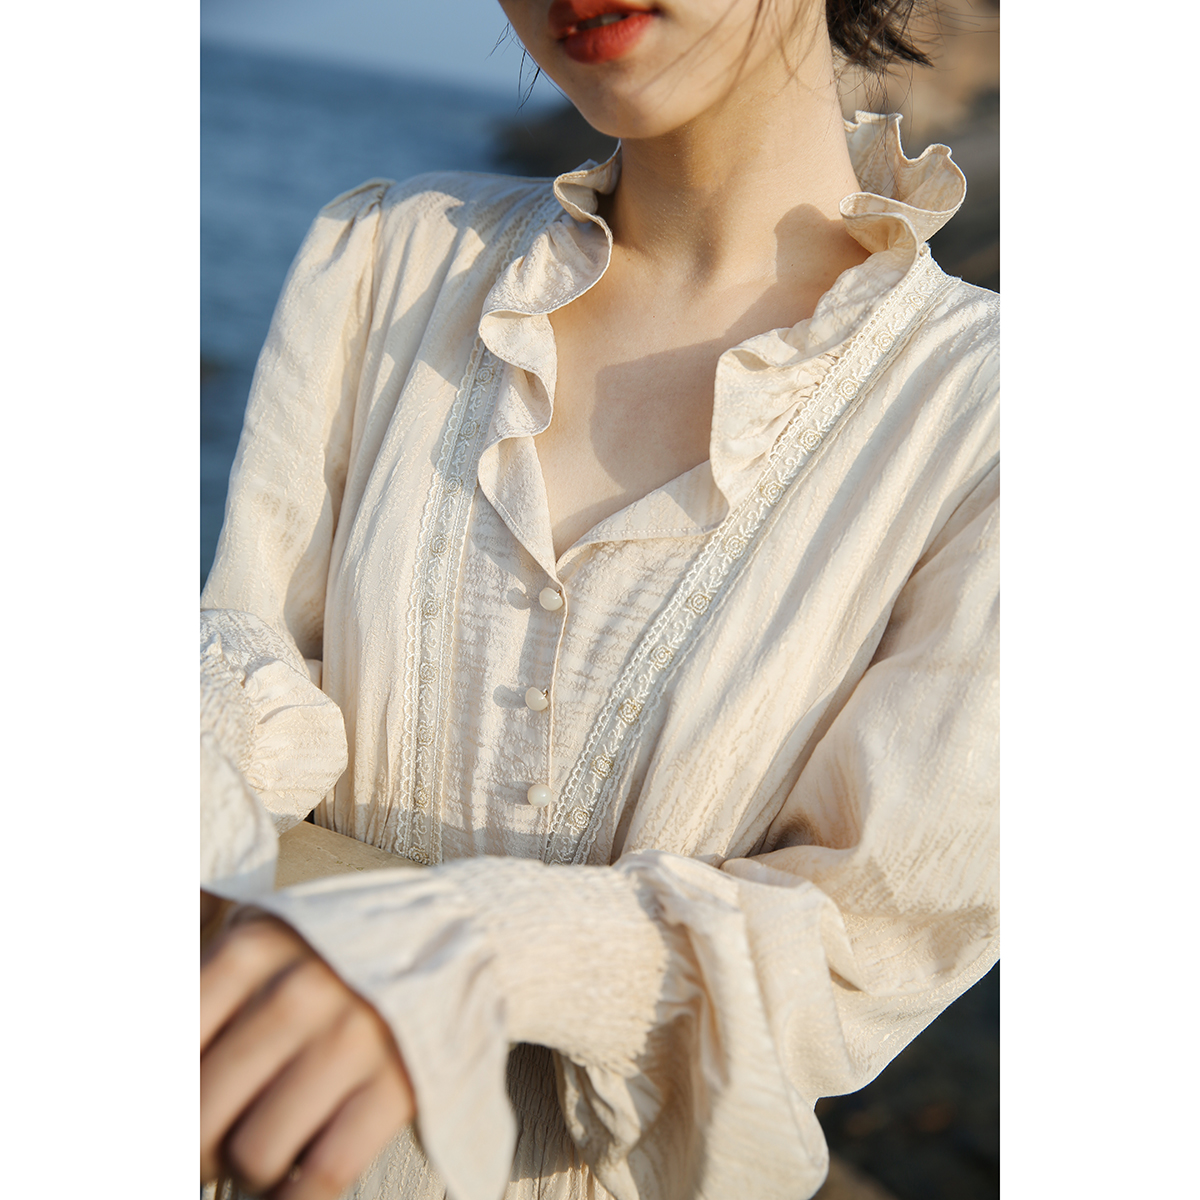 漞渡 法式复古白色连衣裙长袖2020秋款荷叶领甜美泡泡袖气质长裙